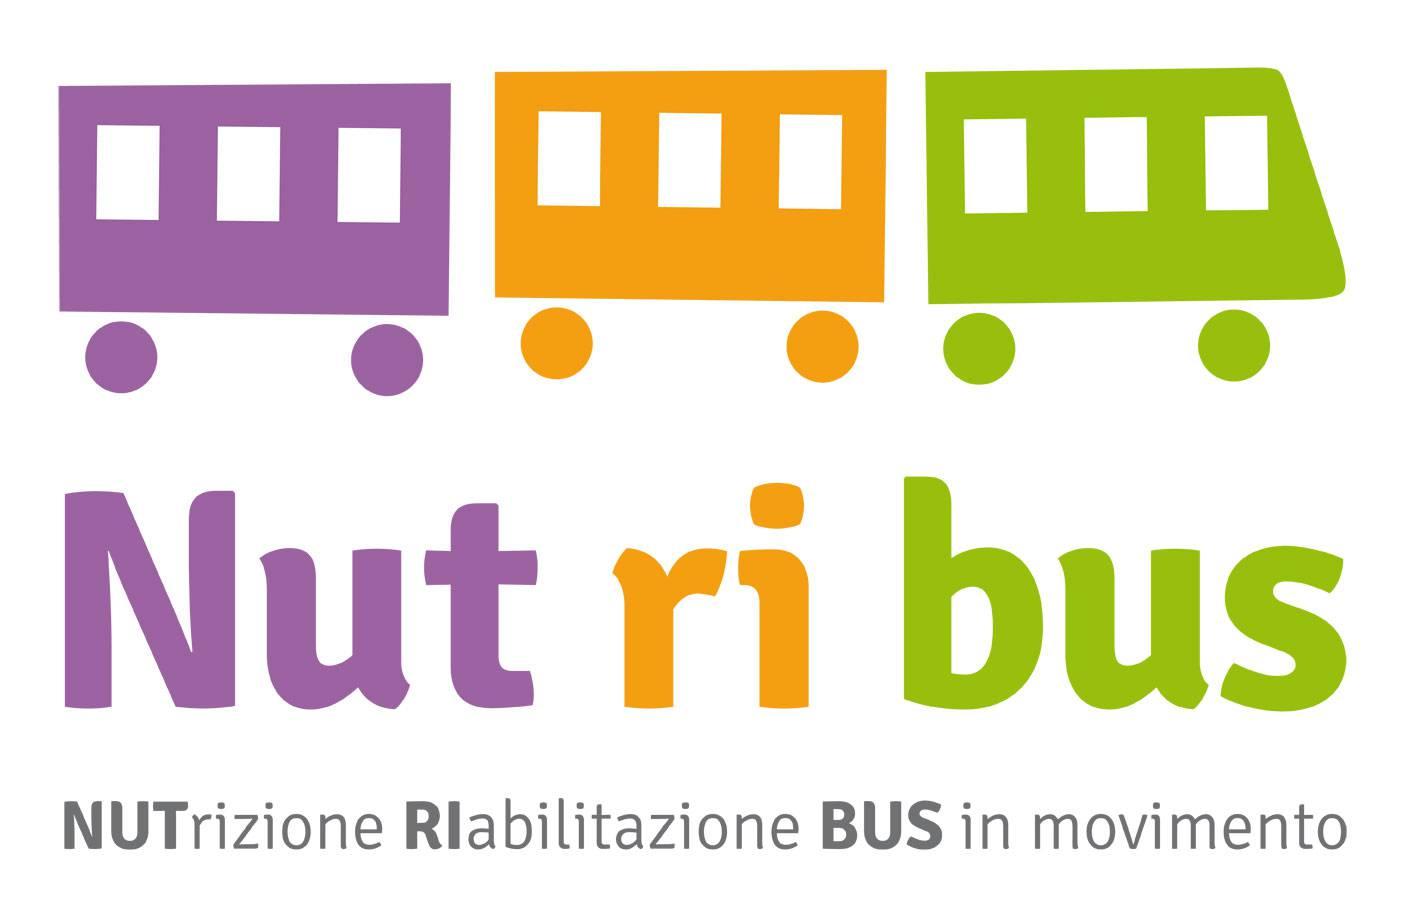 NUTRIBUS Nutrizione Riabilitazione Bus in movimento